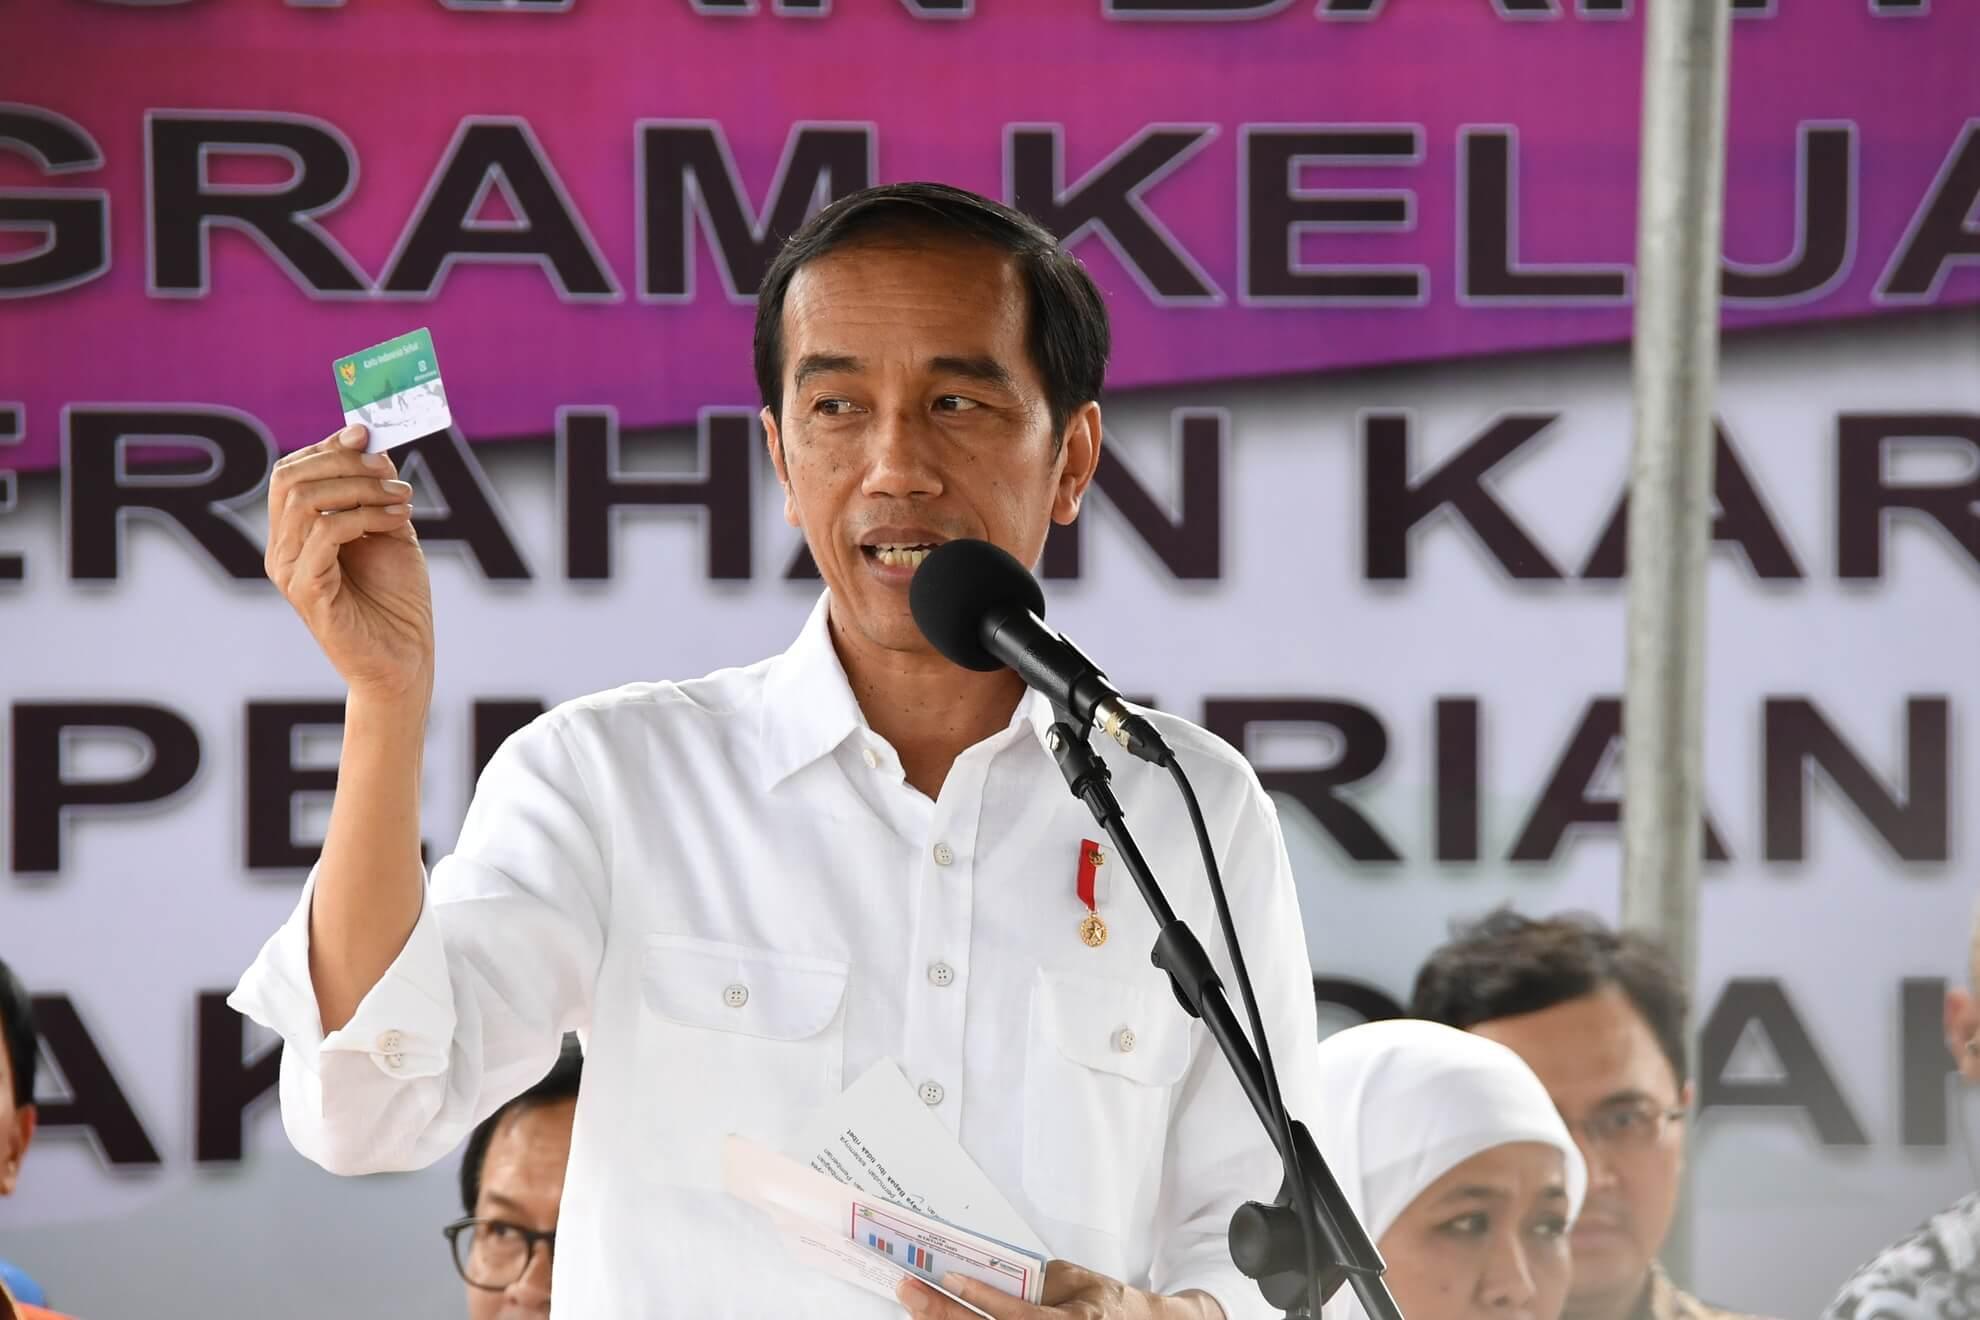 8-2-2017-presiden-menunjukan-kartu-indonesia-sehat-acara-pembagian-pmt-oleh-presiden-di-desa-rumah-tiga-teluk-ambon-kota-ambon